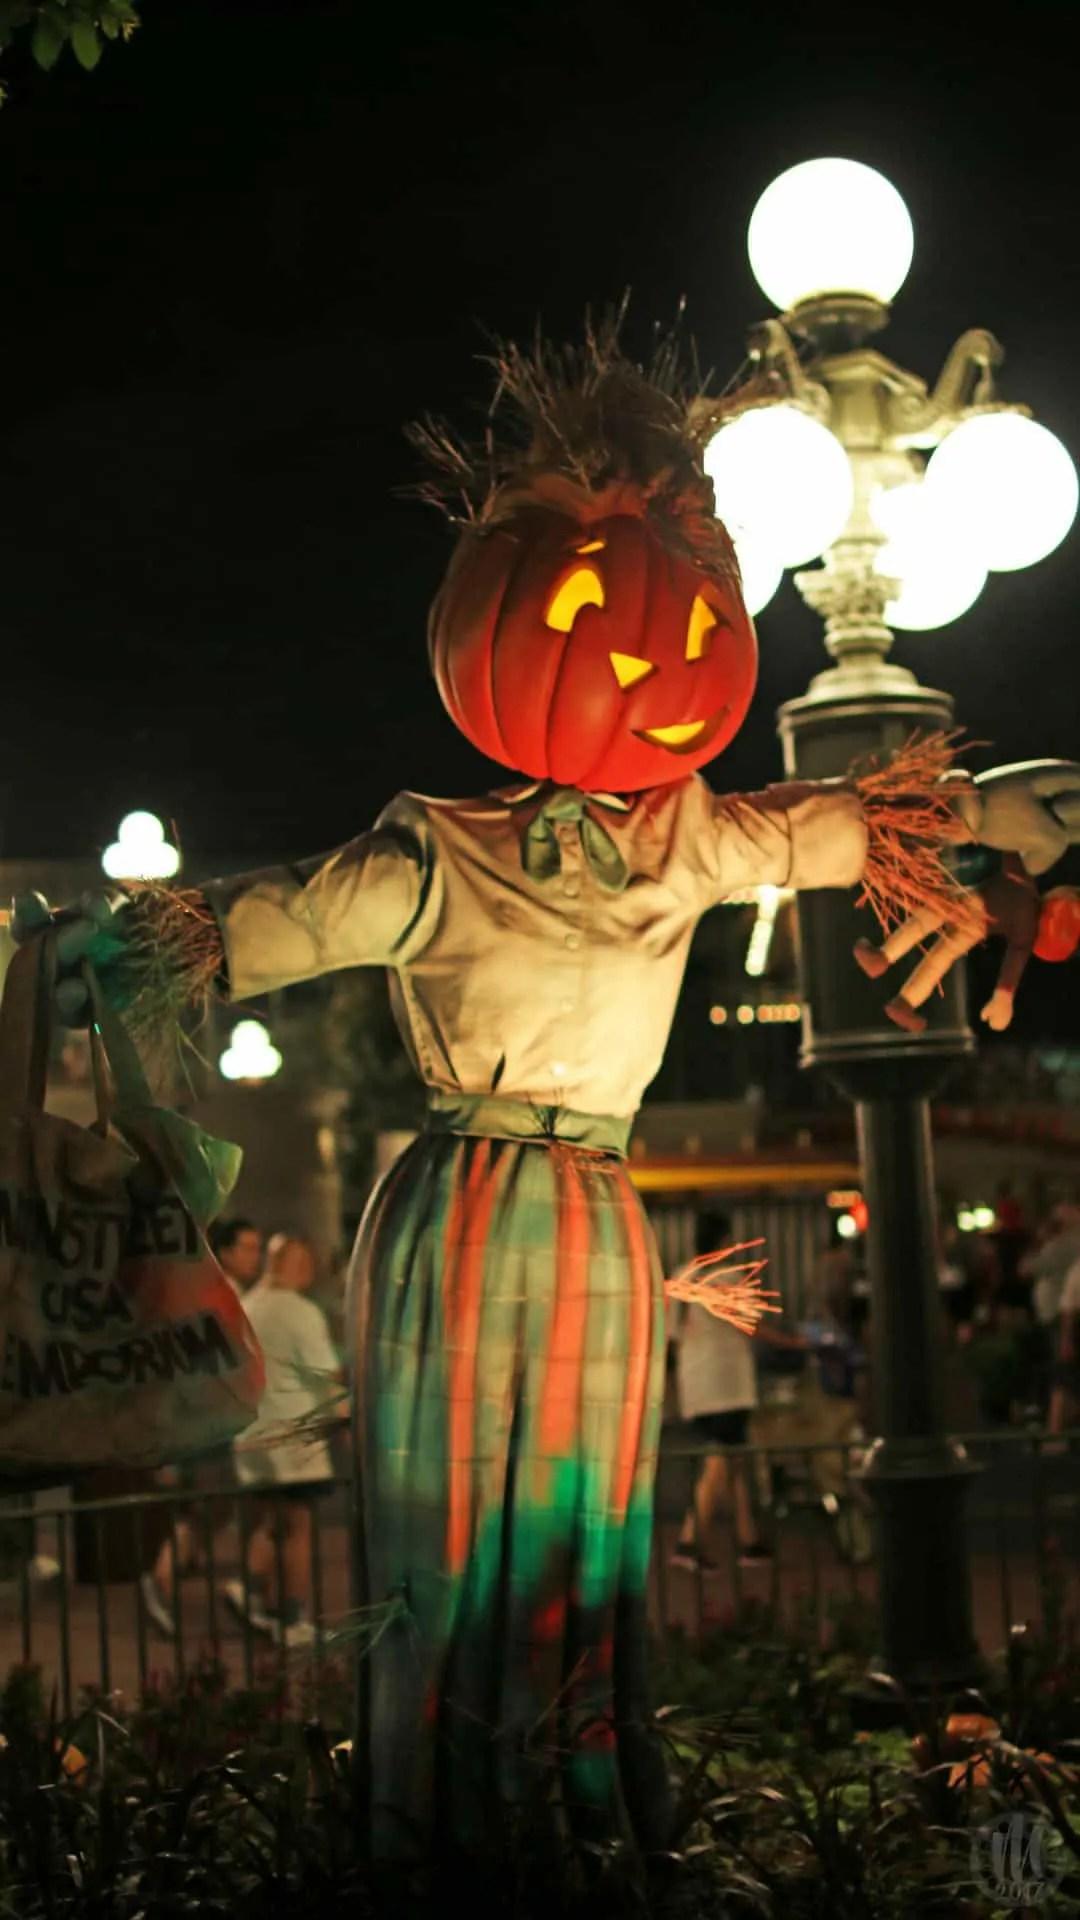 Disney Halloween iPhone Wallpapers - Pumpkin Scarecrow